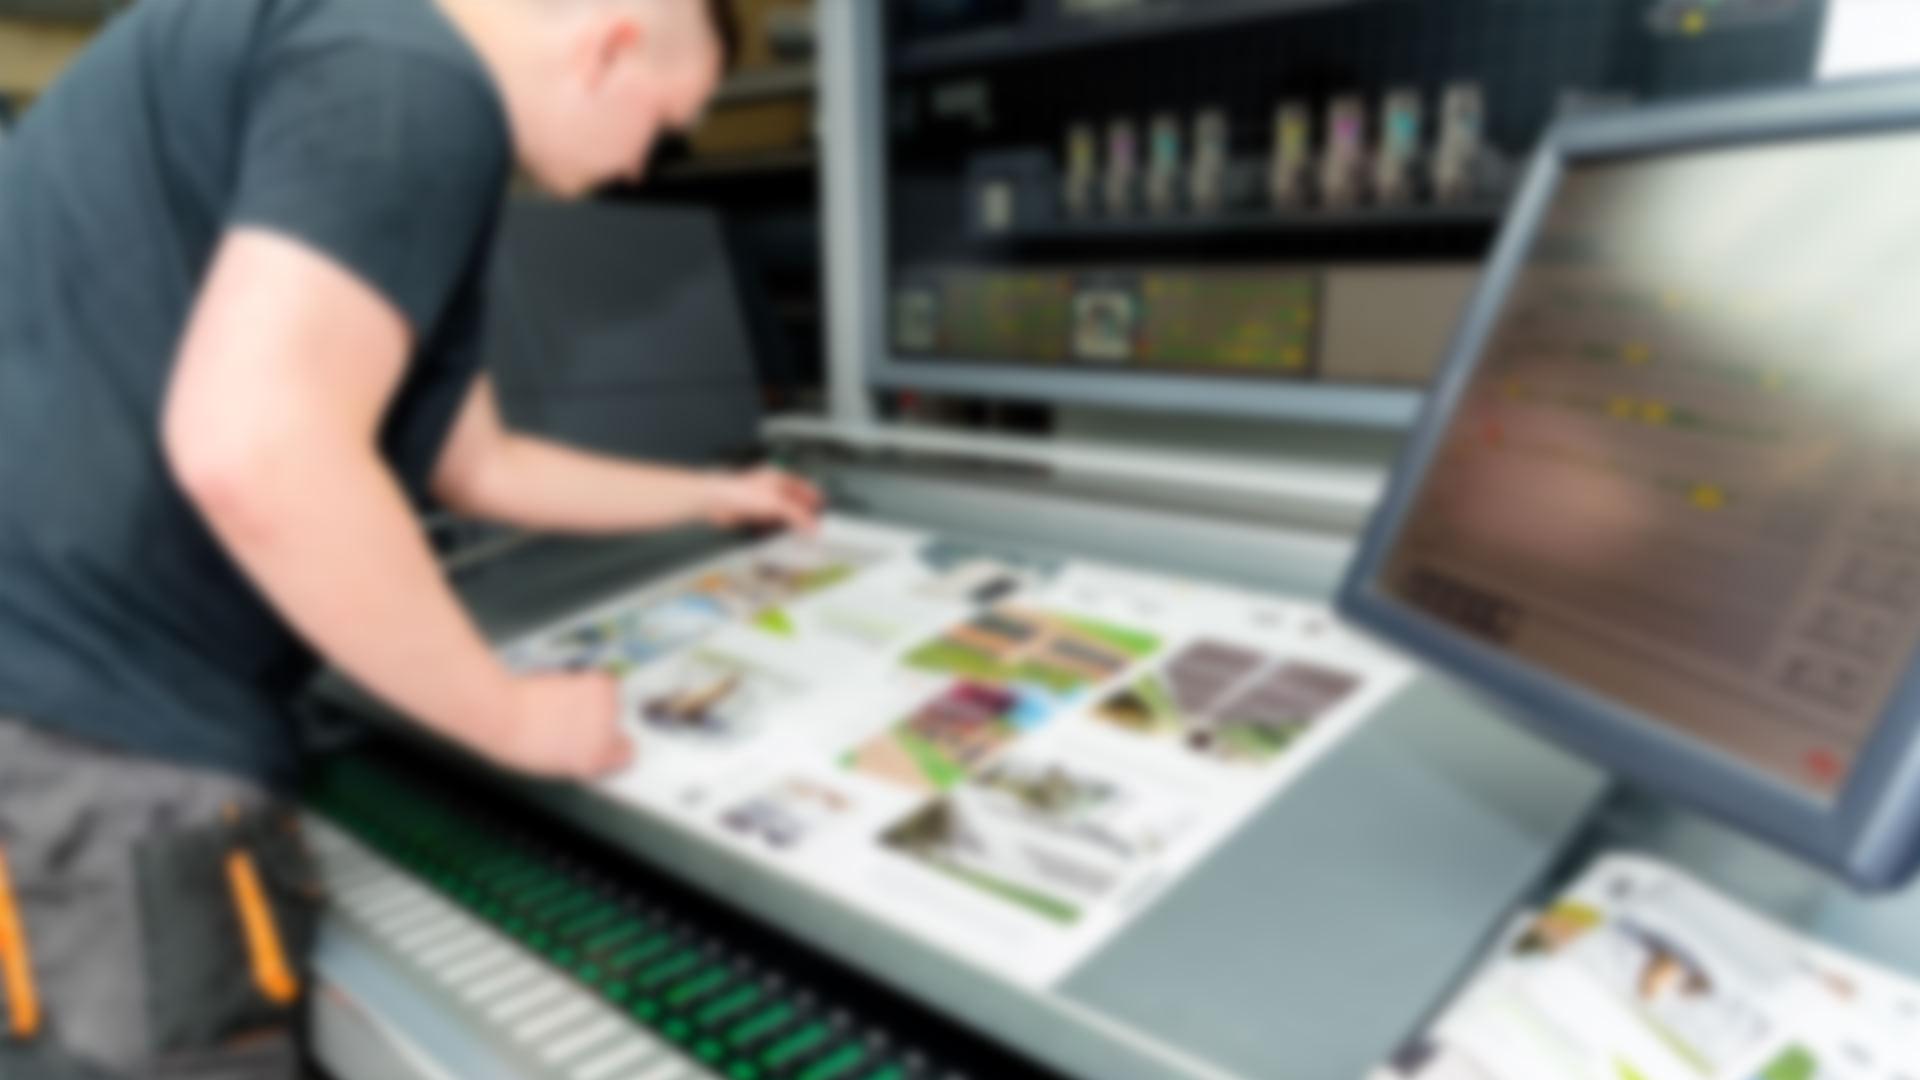 ss-home-1-desktop-blur-only-bg